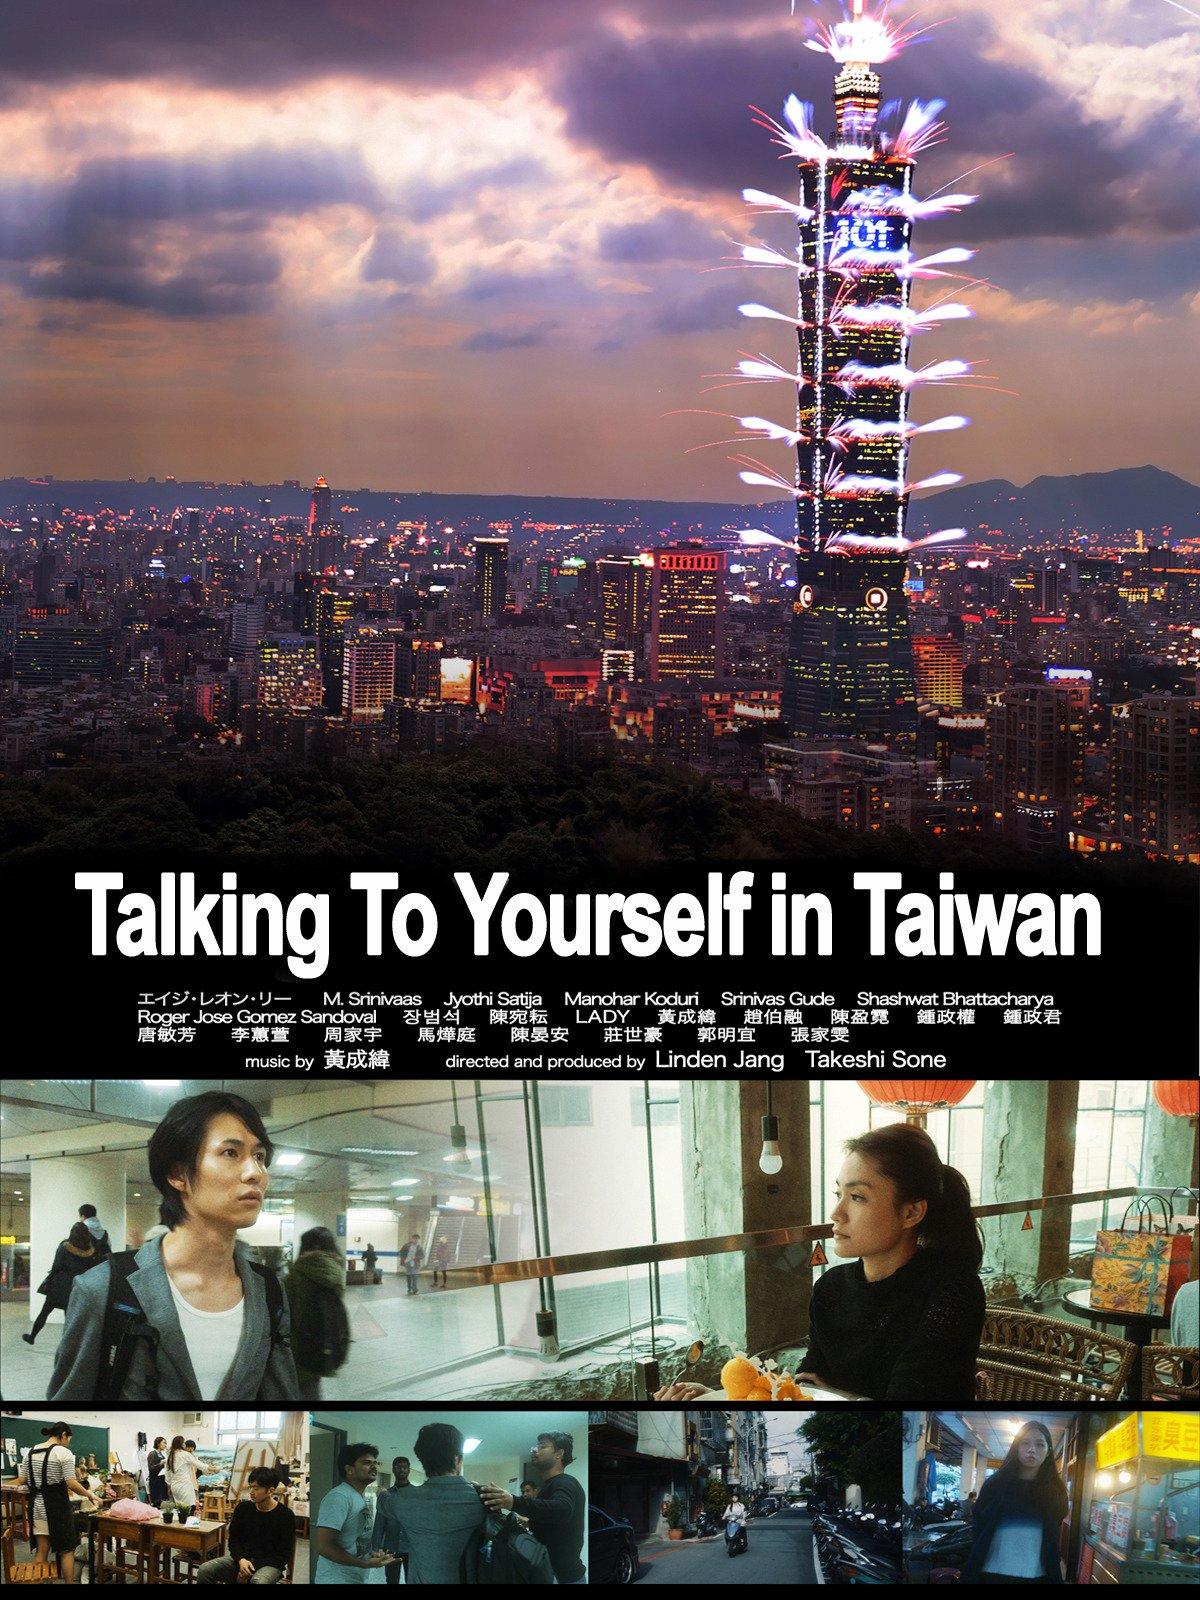 Talking to Yourself in Taiwan